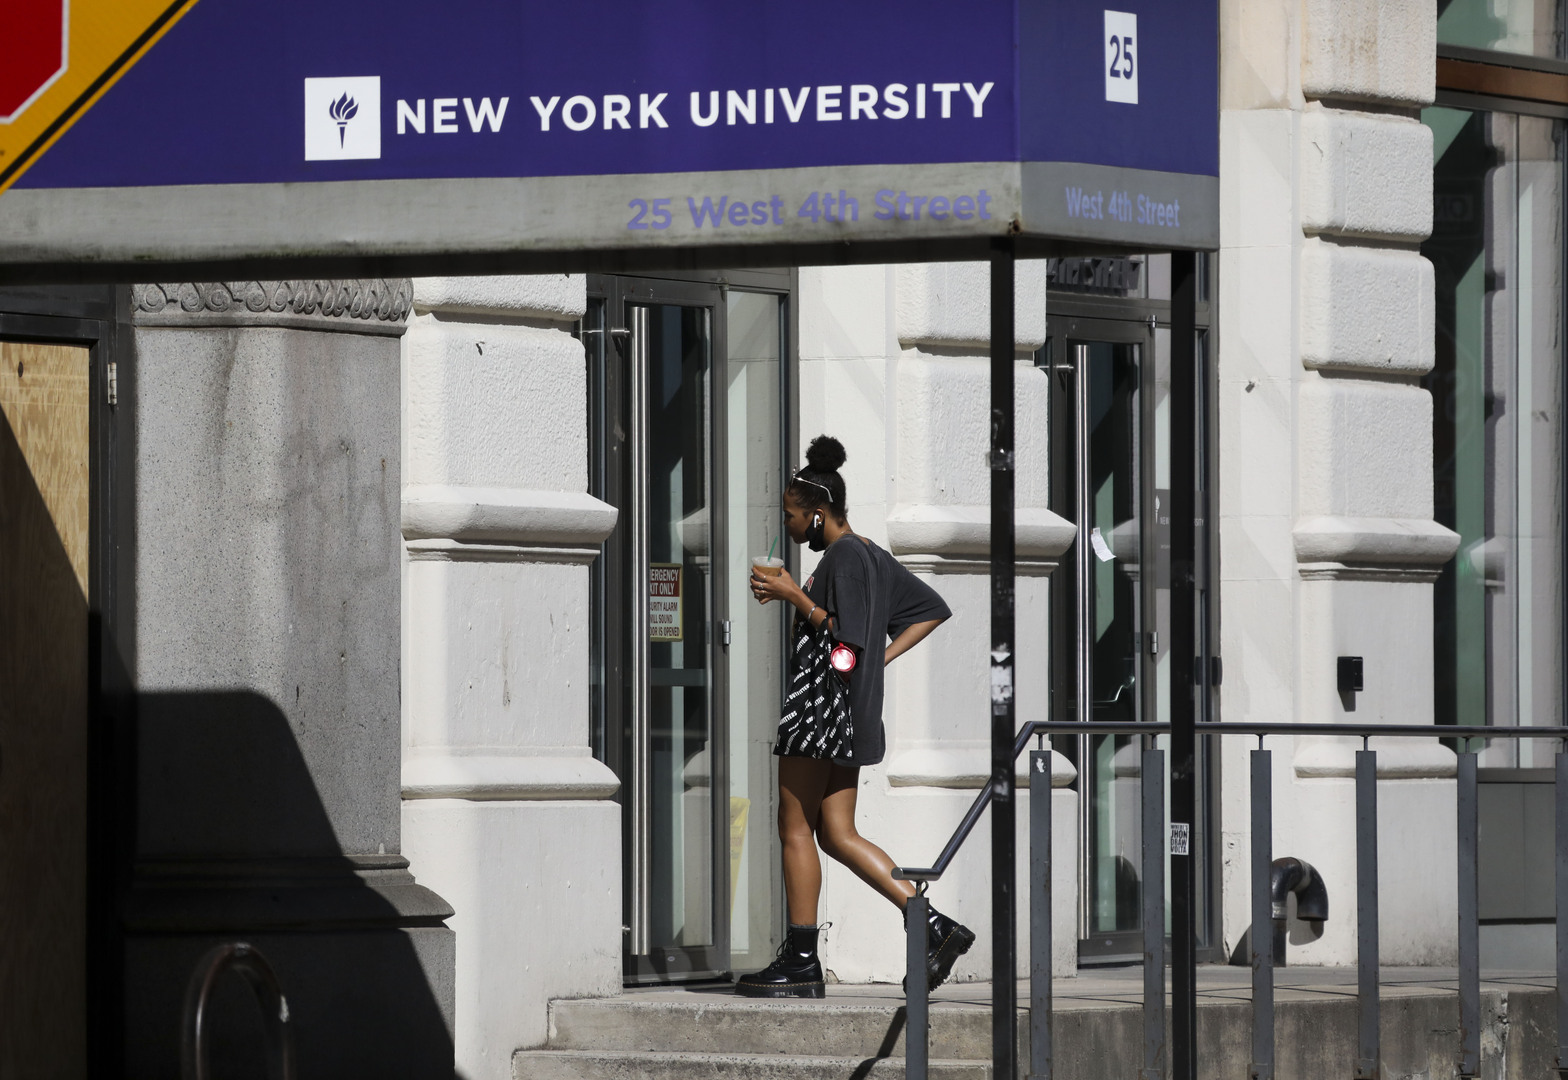 صحيفة: الولايات المتحدة تستثني الطلاب الأوروبيين من حظر السفر